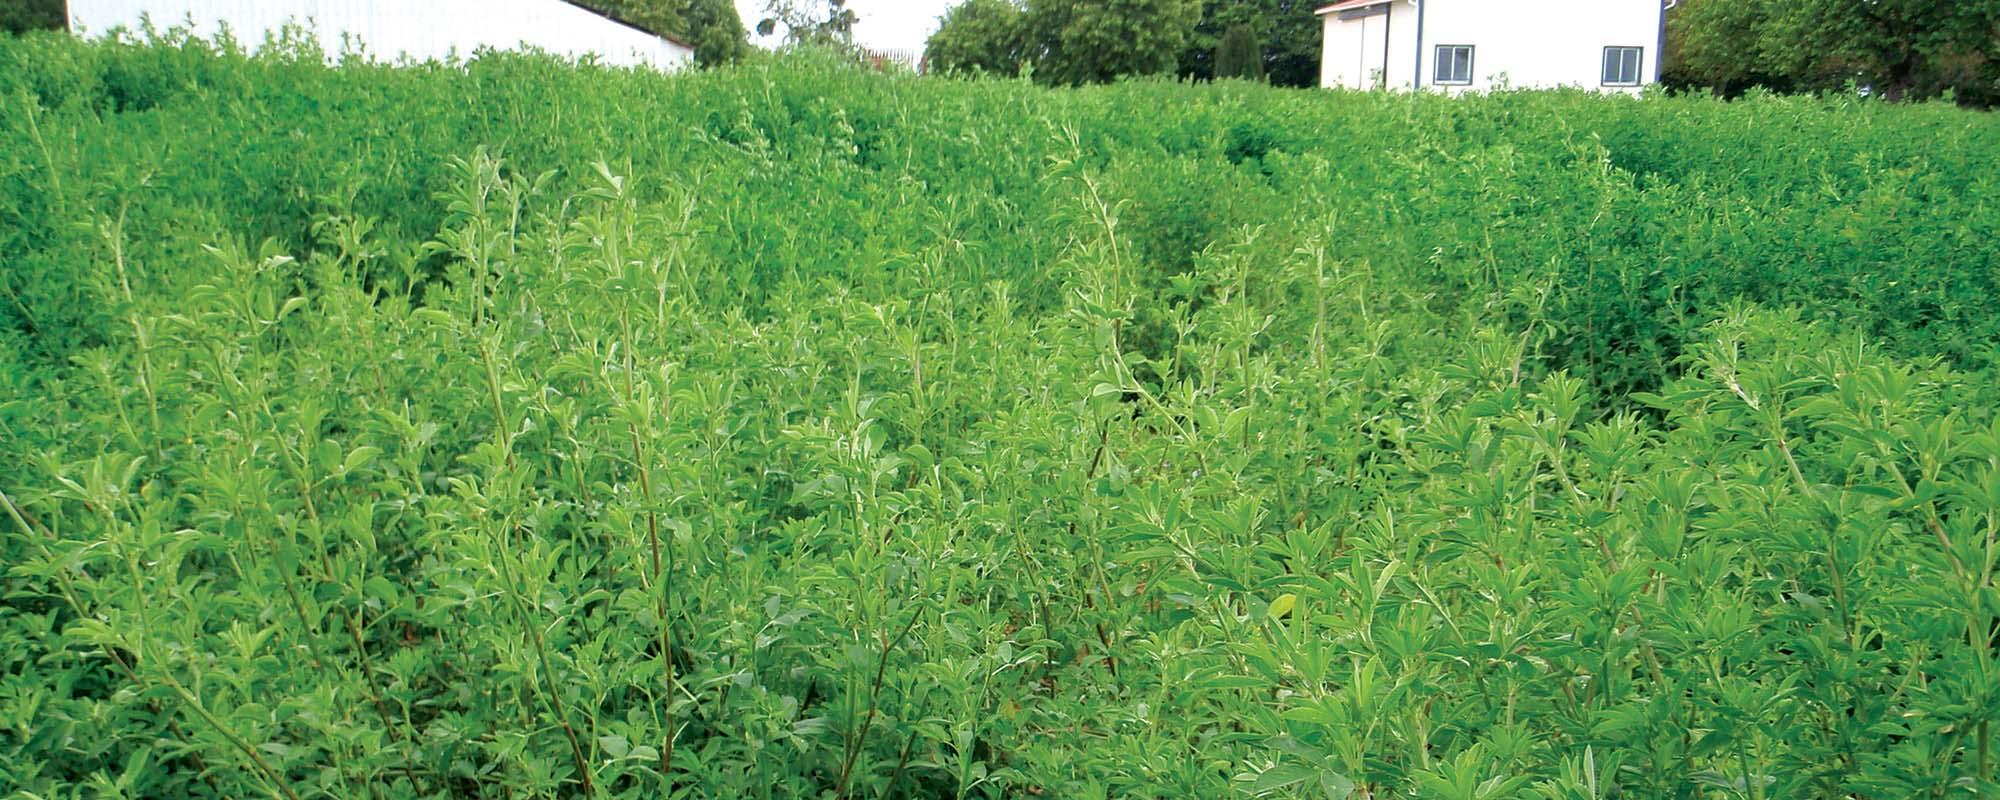 alfalfa-field